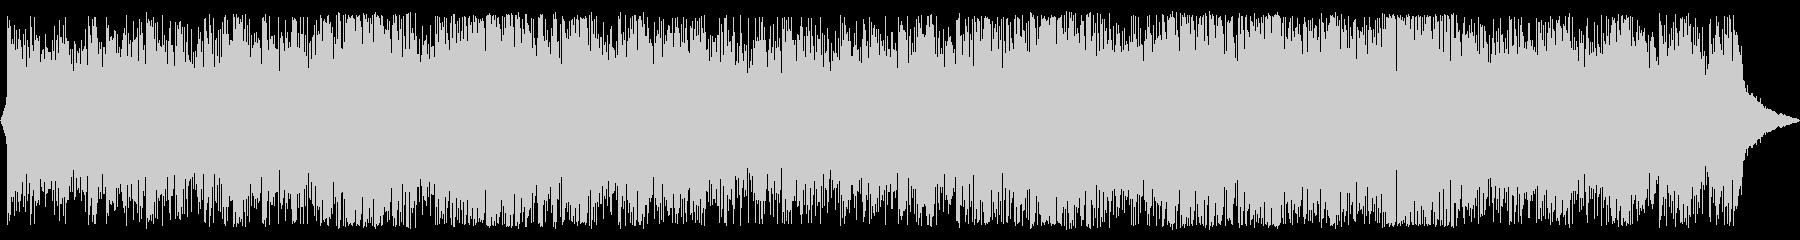 ピアノ&シンセのハイブリッド/クール系曲の未再生の波形